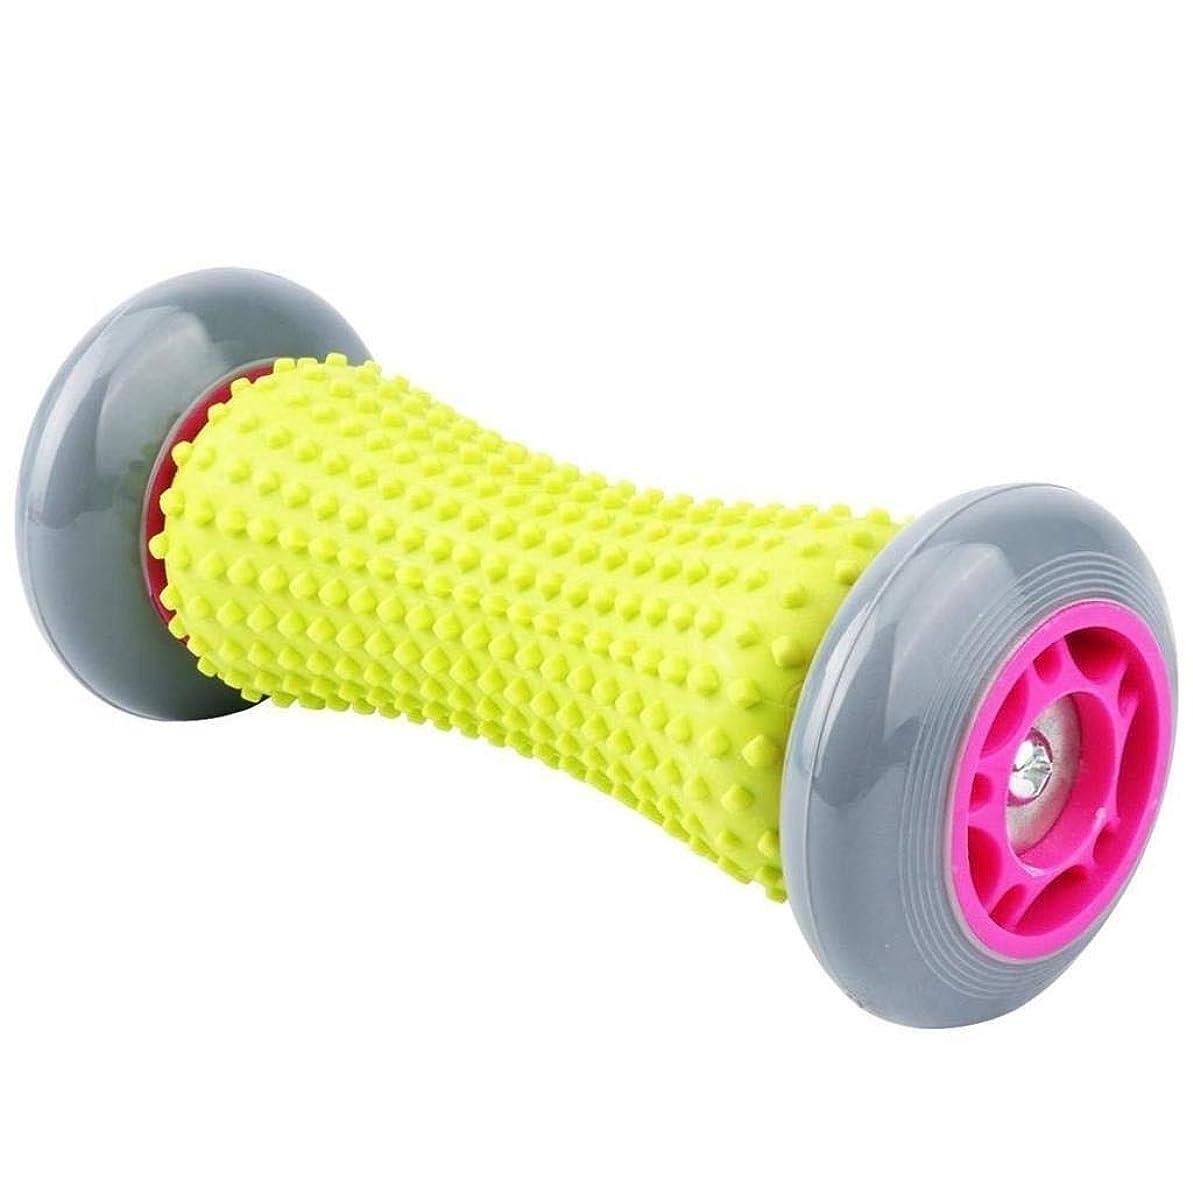 ラフト混乱させる価値のない足底筋膜炎とリフレクソロジーマッサージを緩和するために使用されるフットマッサージャー、フットマッサージボール、背中と脚のタイトな筋肉を回復するための深いツボ (Color : Grey)